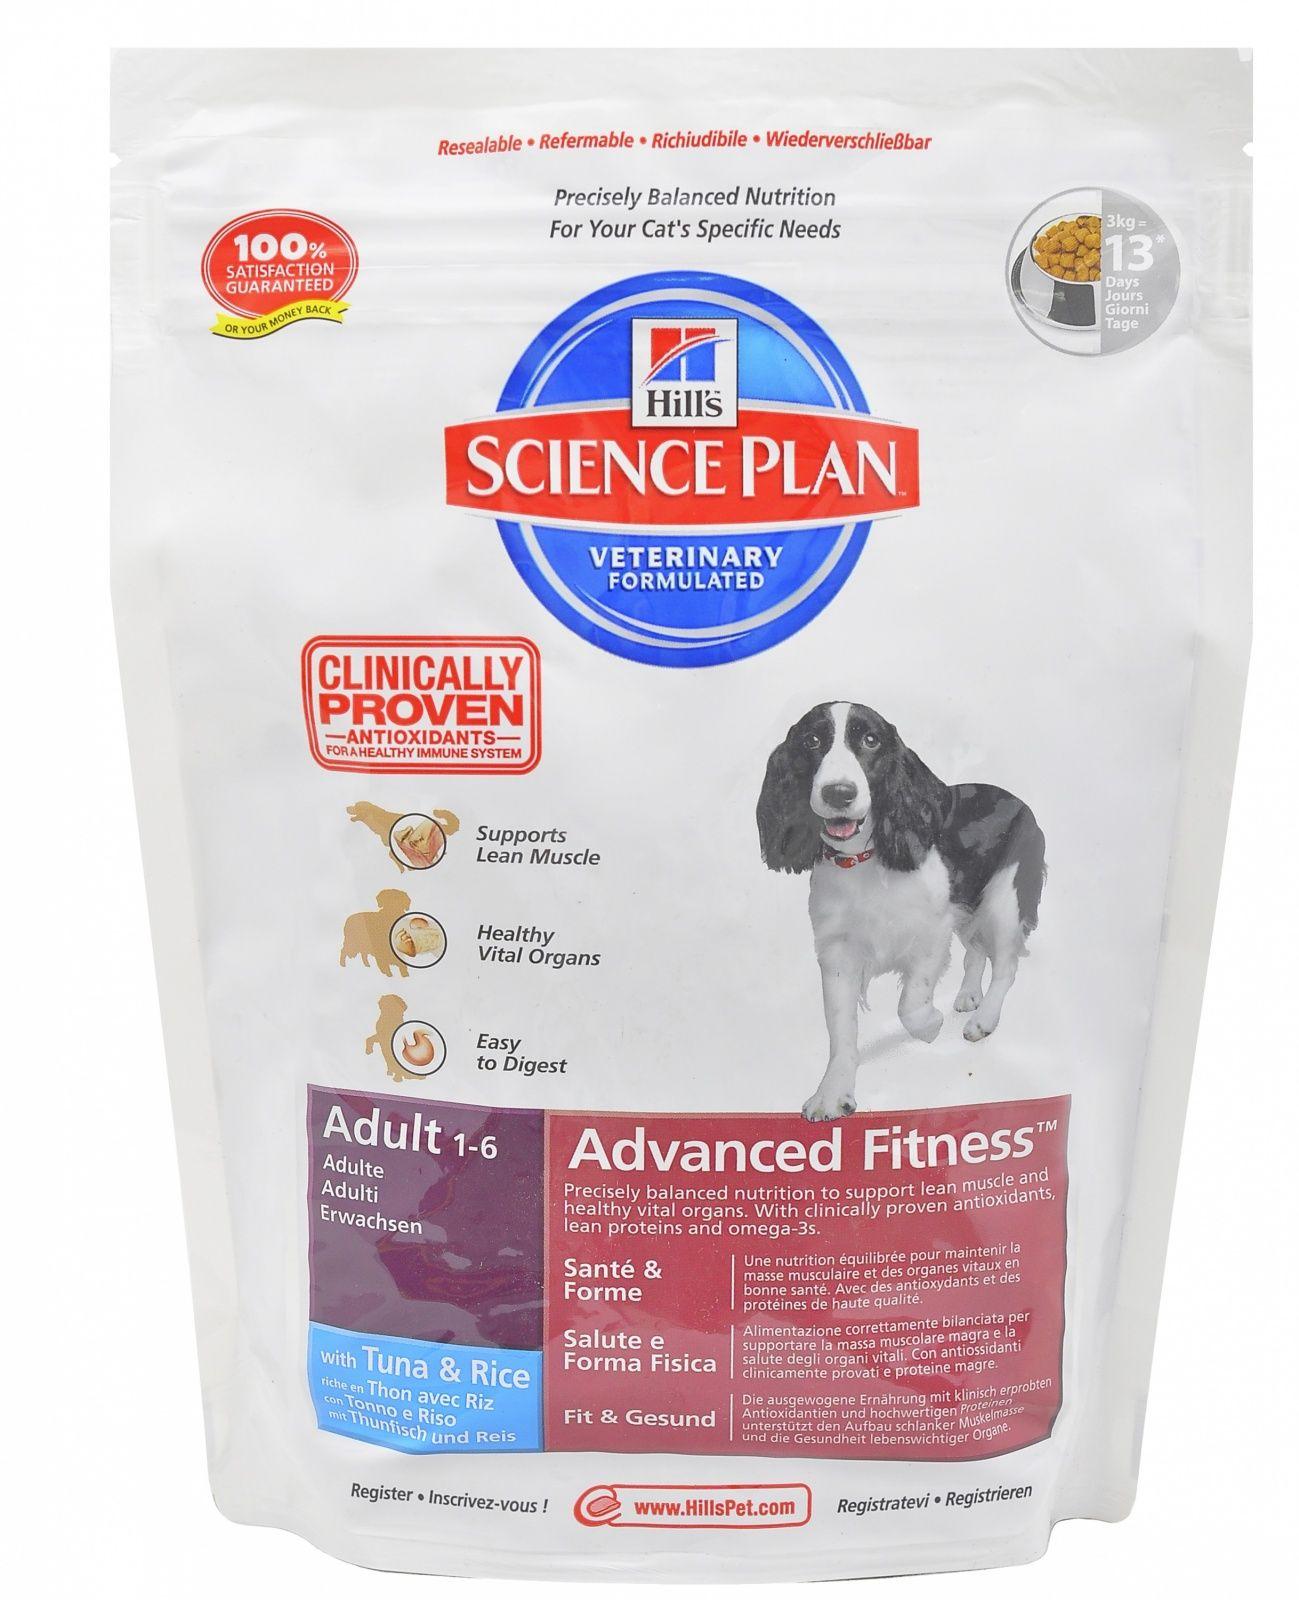 Корм Hills для взрослых собак с тунцом и рисом (Adult  Tuna &amp; Rice), 12кгПовседневные корма<br><br><br>Артикул: 9269M<br>Бренд: Hills<br>Вид: Сухие<br>Высота упаковки (мм): 0,14<br>Длина упаковки (мм): 0,66<br>Ширина упаковки (мм): 0,4<br>Вес брутто (кг): 12<br>Страна-изготовитель: США<br>Вес упаковки (кг): 12<br>Размер/порода: Для всех пород<br>Ингредиенты: Тунец<br>Для кого: Собаки